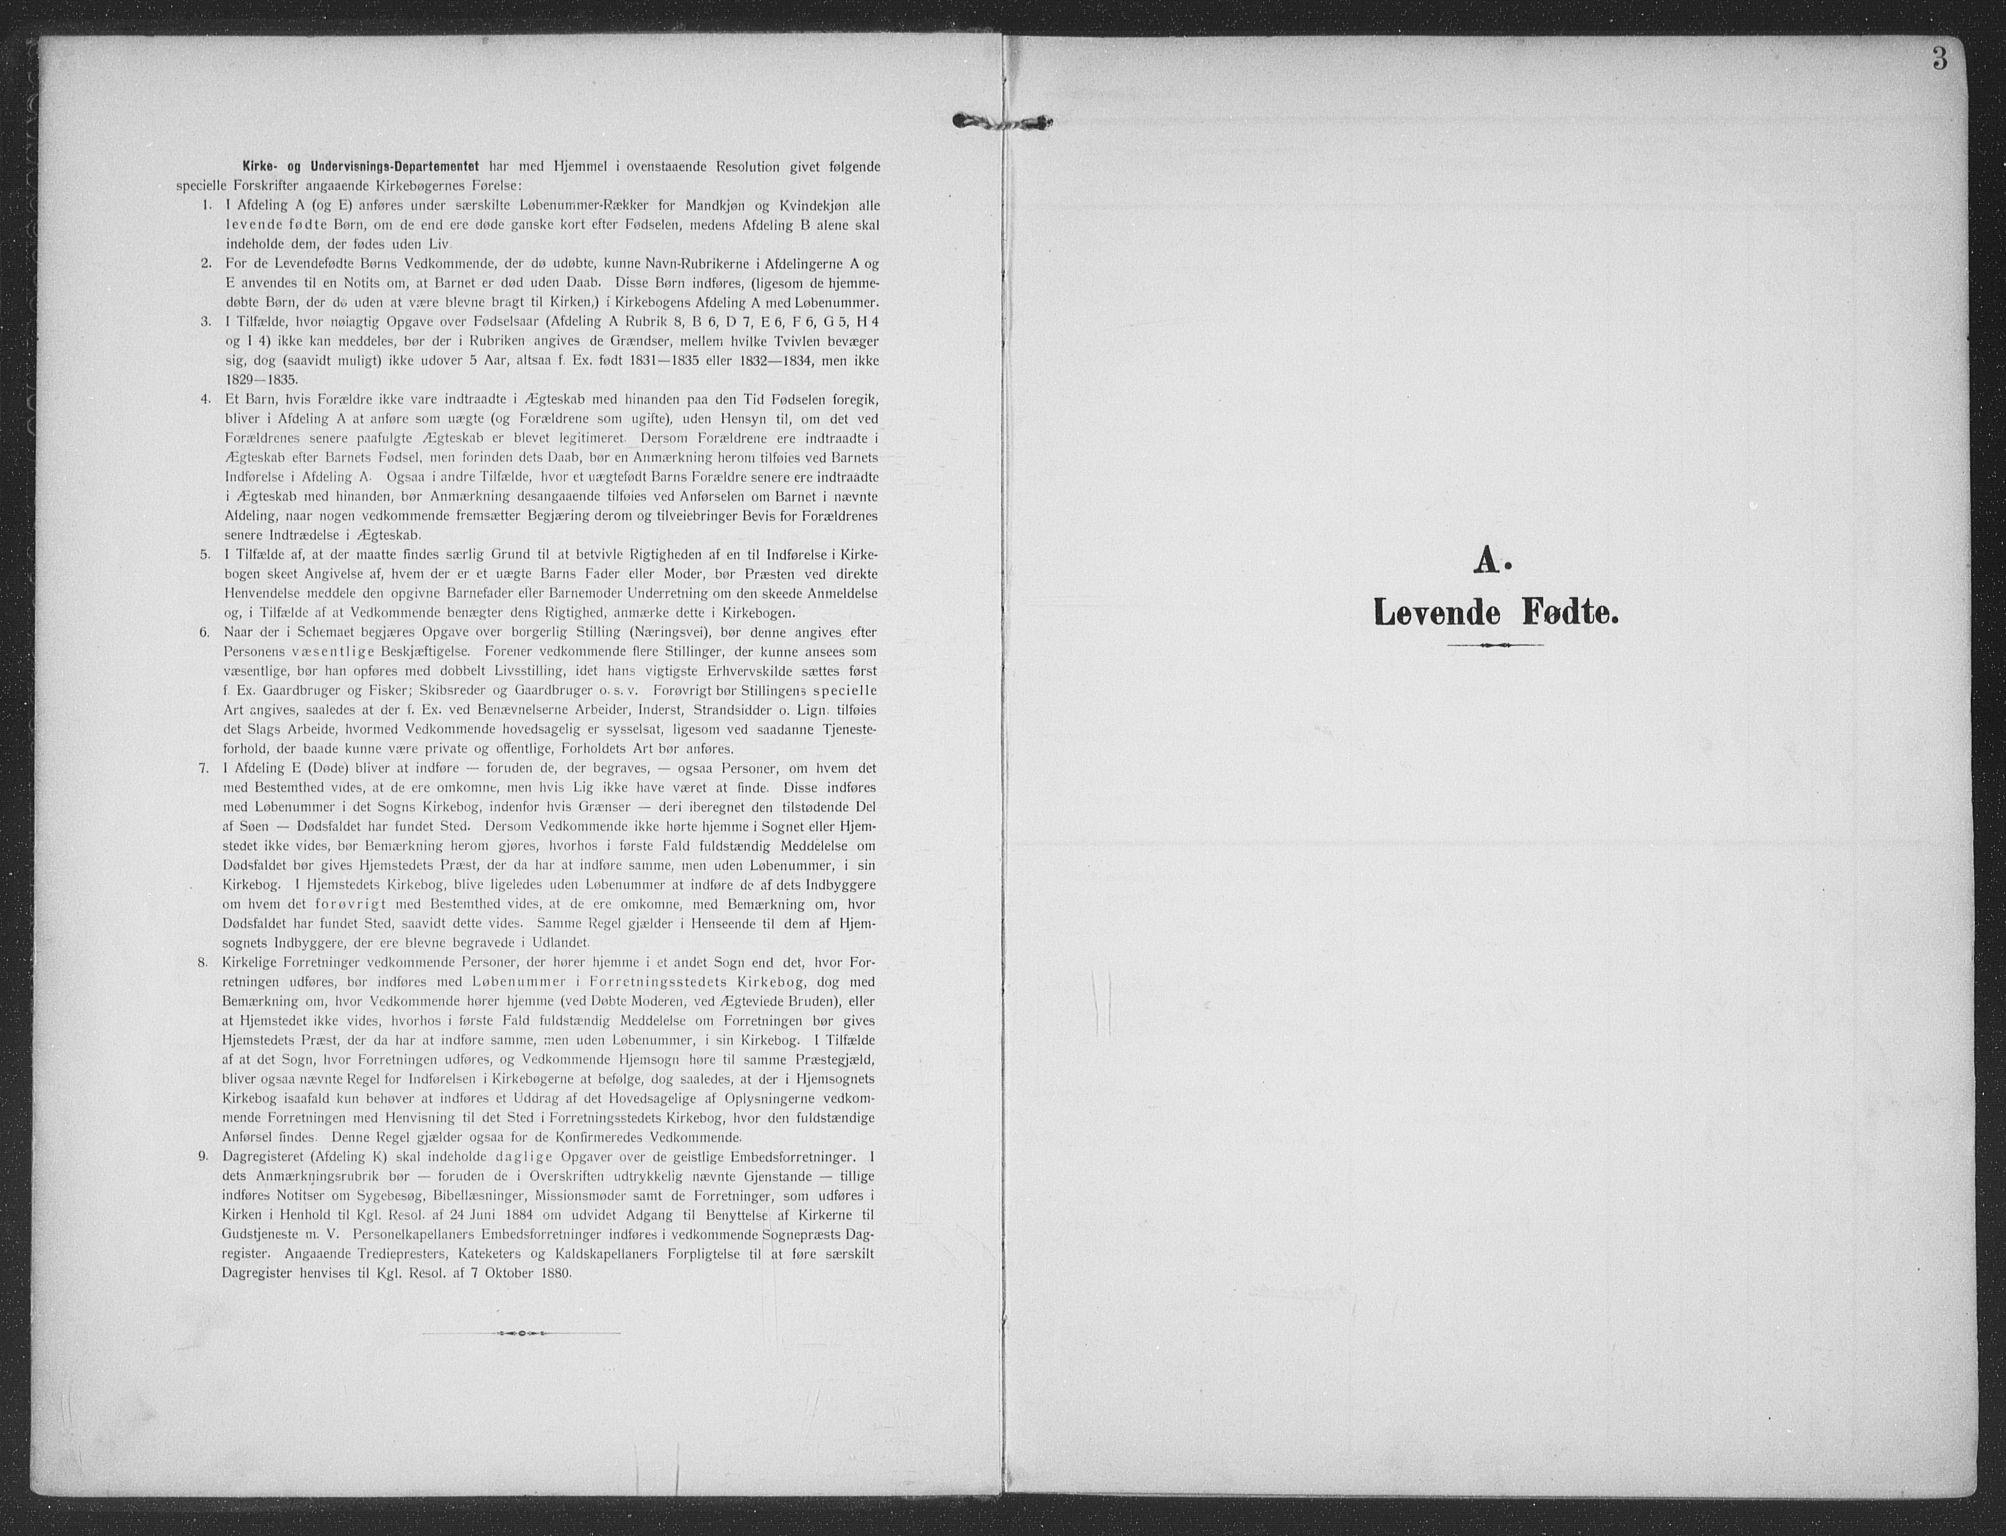 SAT, Ministerialprotokoller, klokkerbøker og fødselsregistre - Møre og Romsdal, 513/L0178: Ministerialbok nr. 513A05, 1906-1919, s. 3